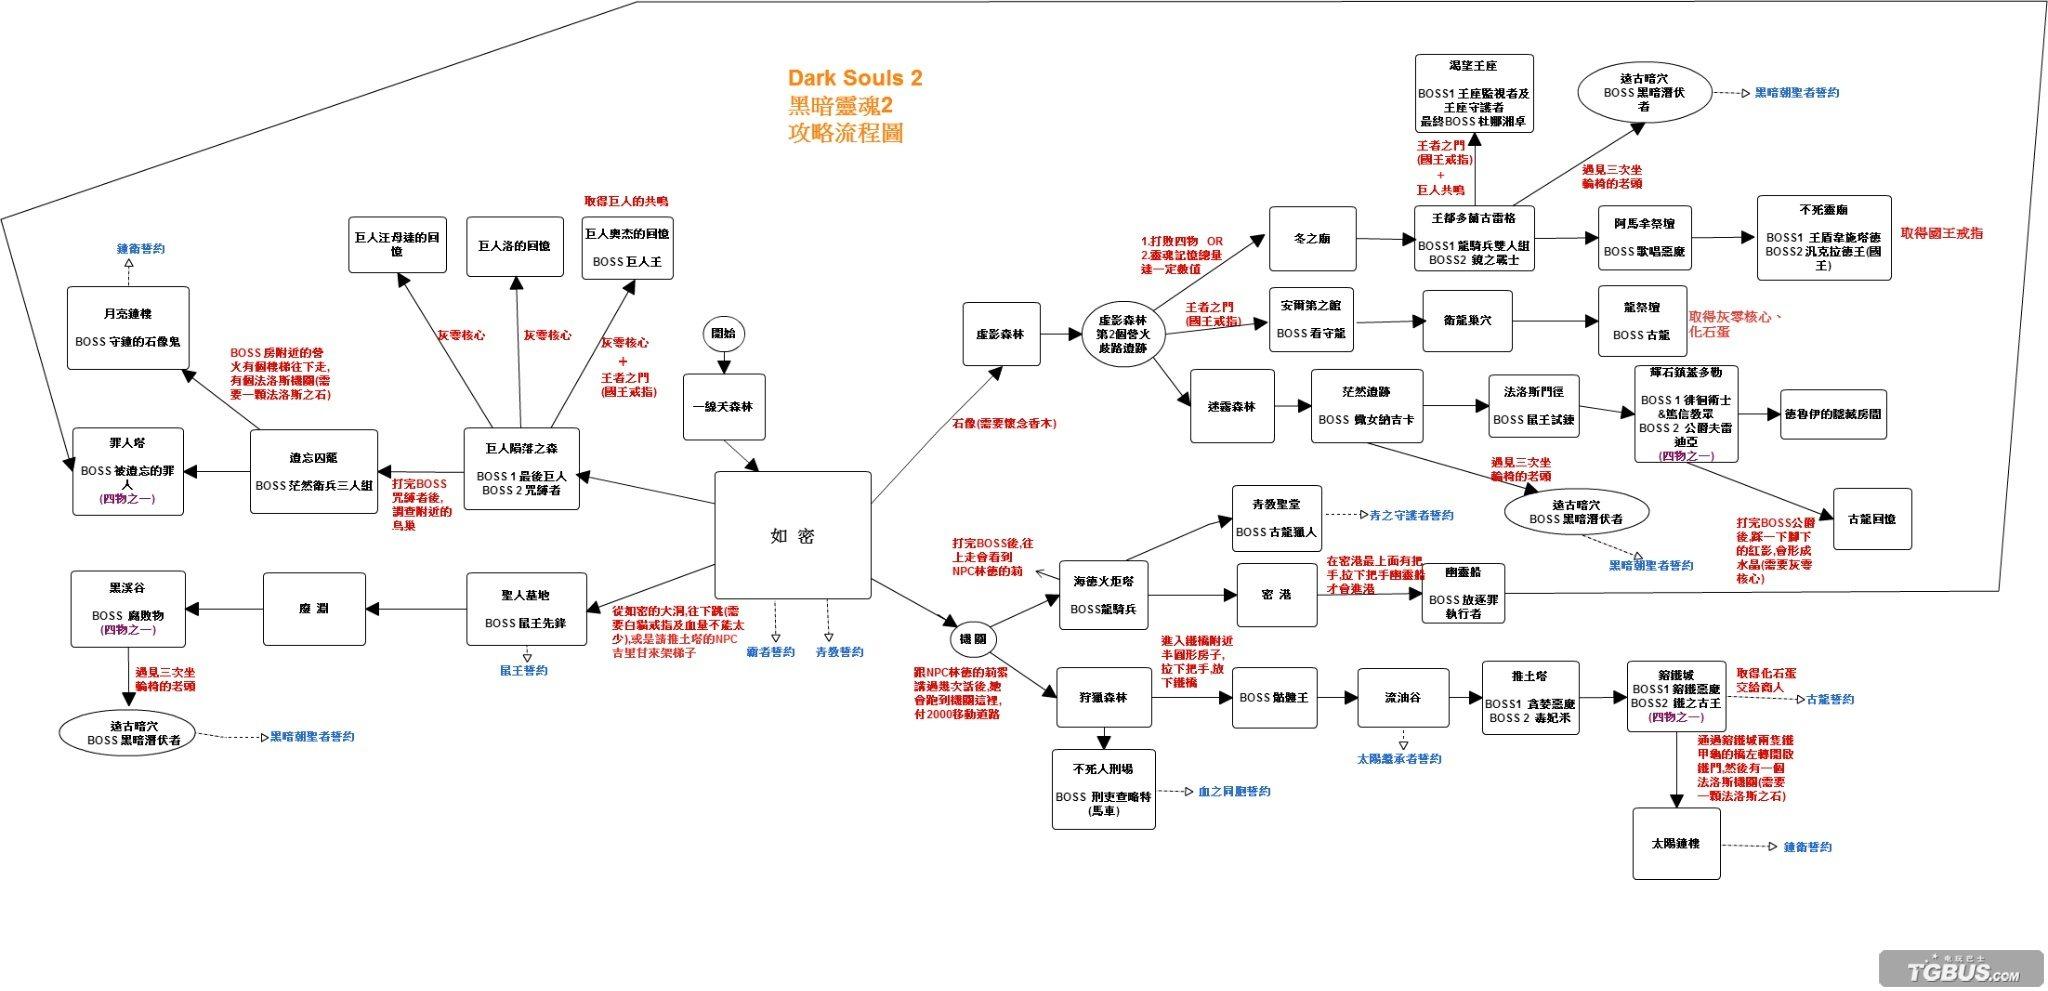 黑暗之魂2 全流程平面地图 所有地点及boss位置标示